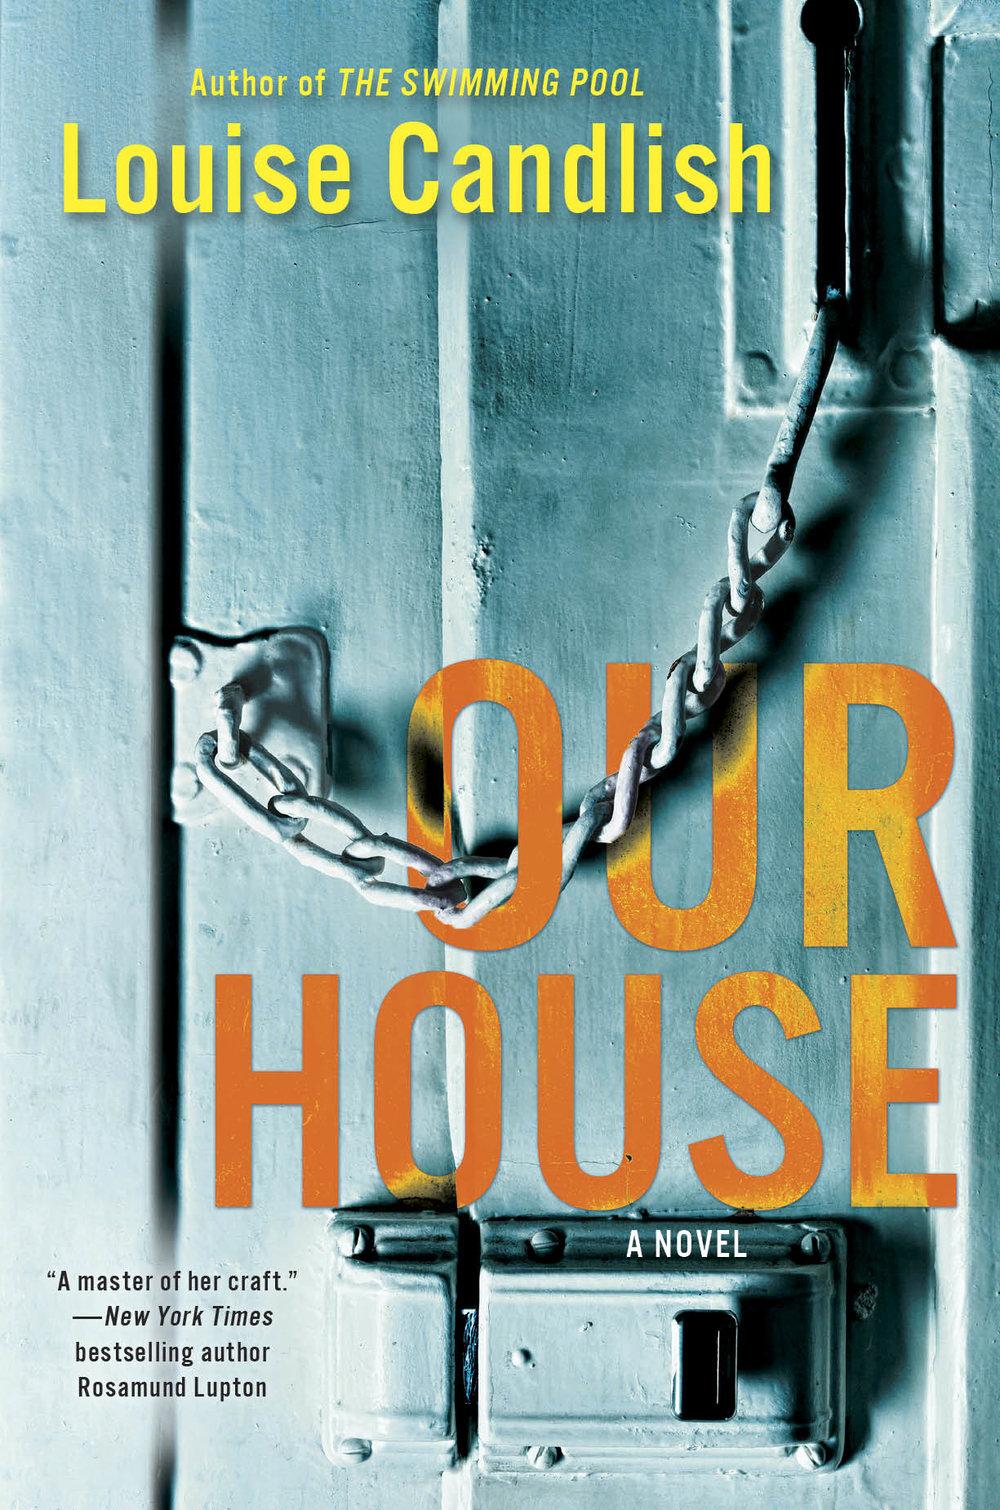 Book Cover Design Alana Colucci